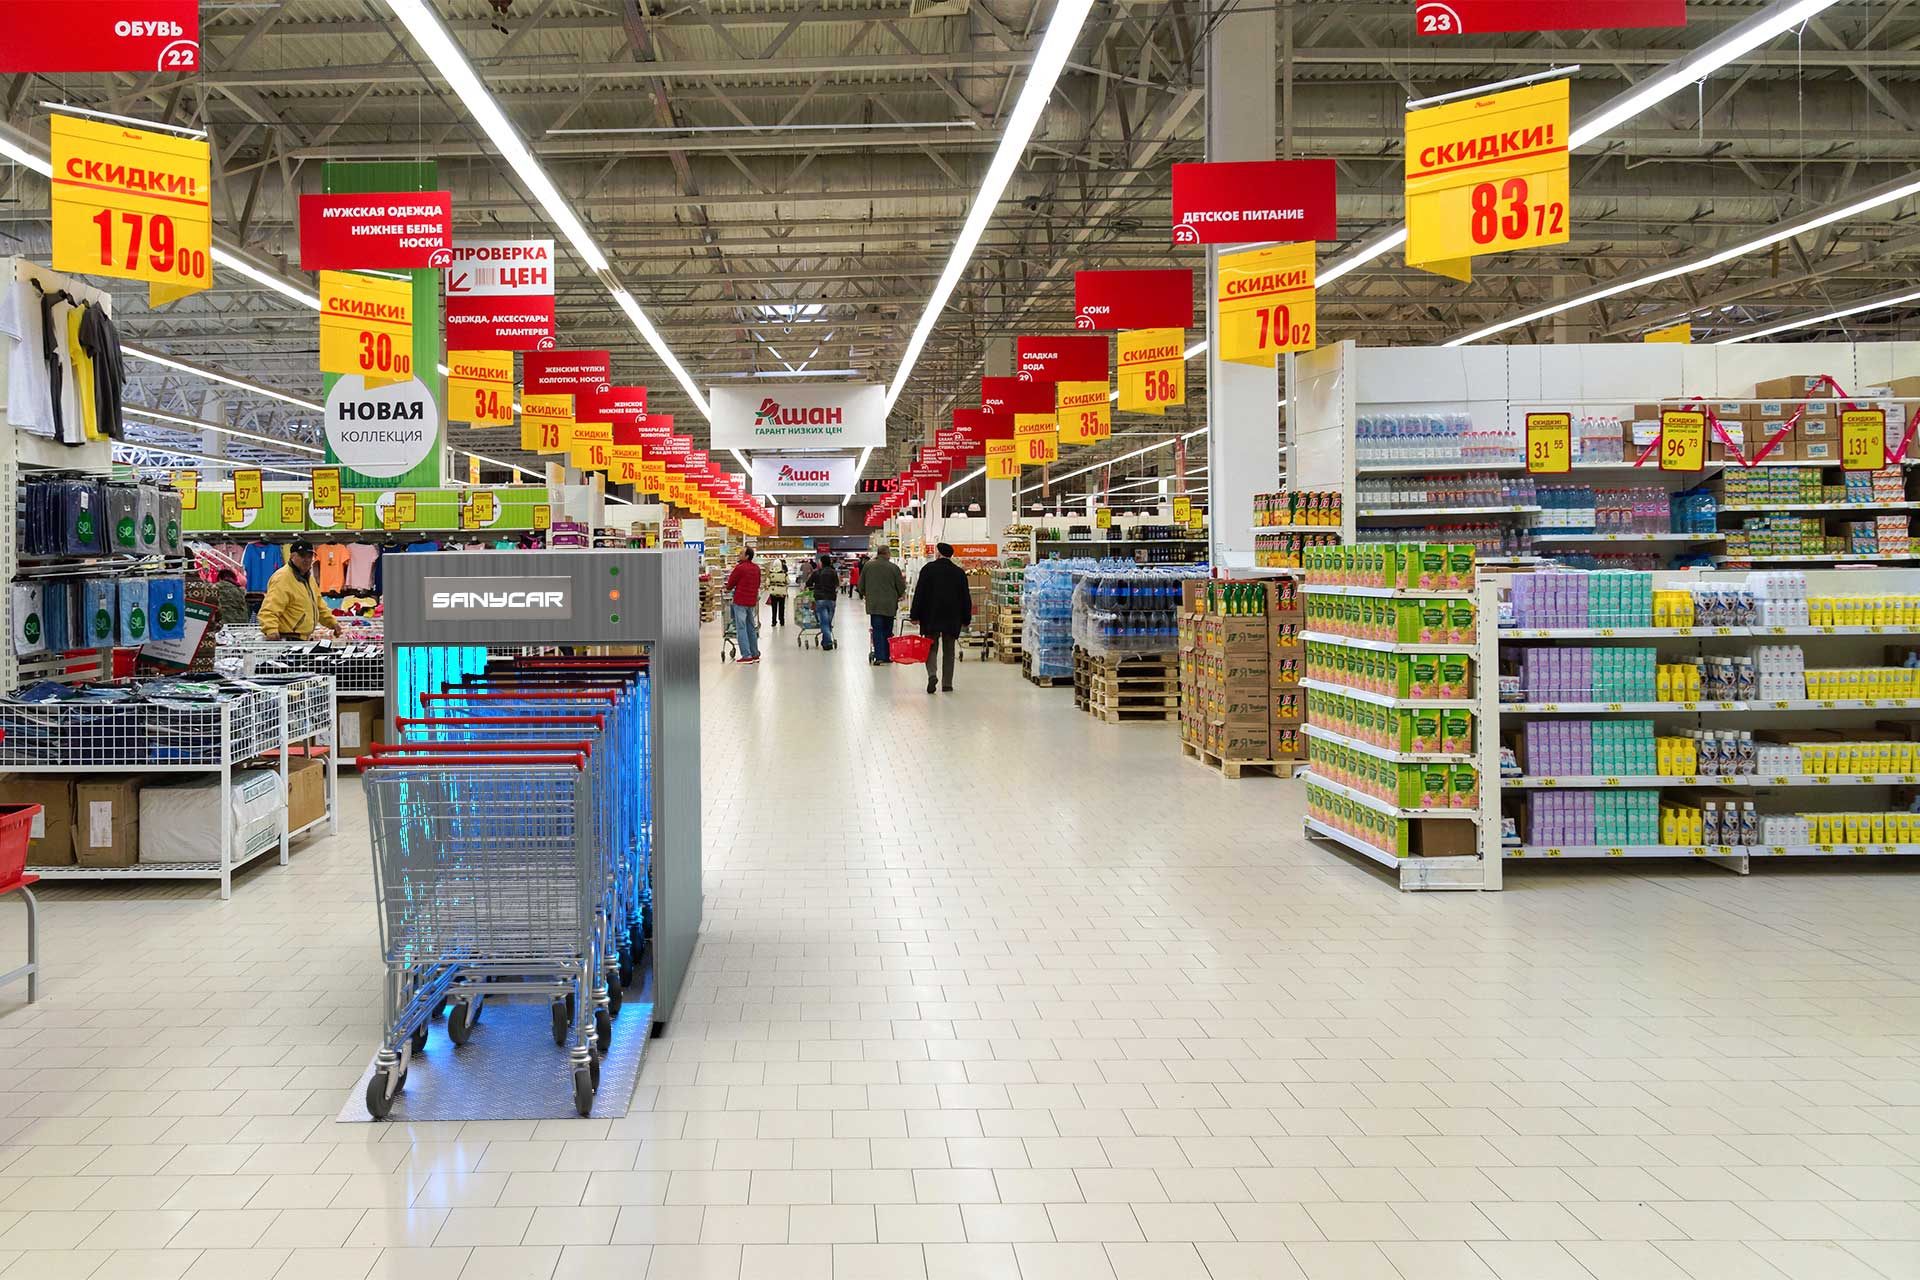 sistemi-disinfezione-superfici-uv-supermercati-Sanycar-mod-s8000